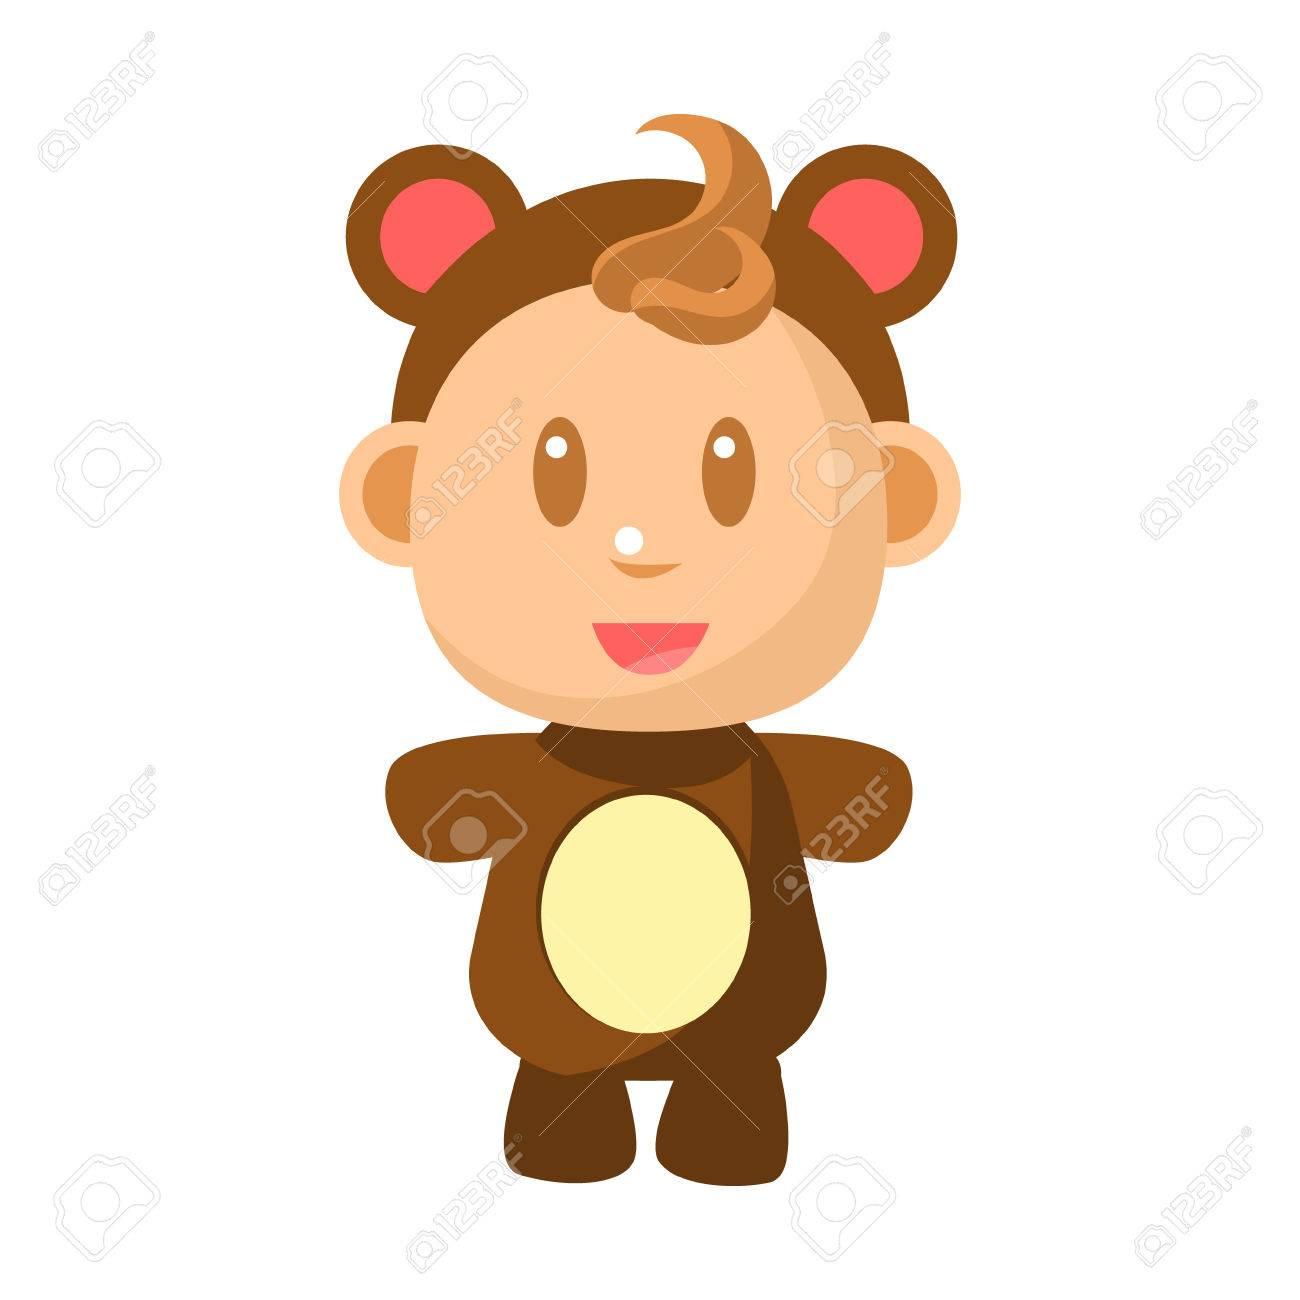 かわいい幼児コスチューム ベクトル簡単なイラストをヒグマに立って